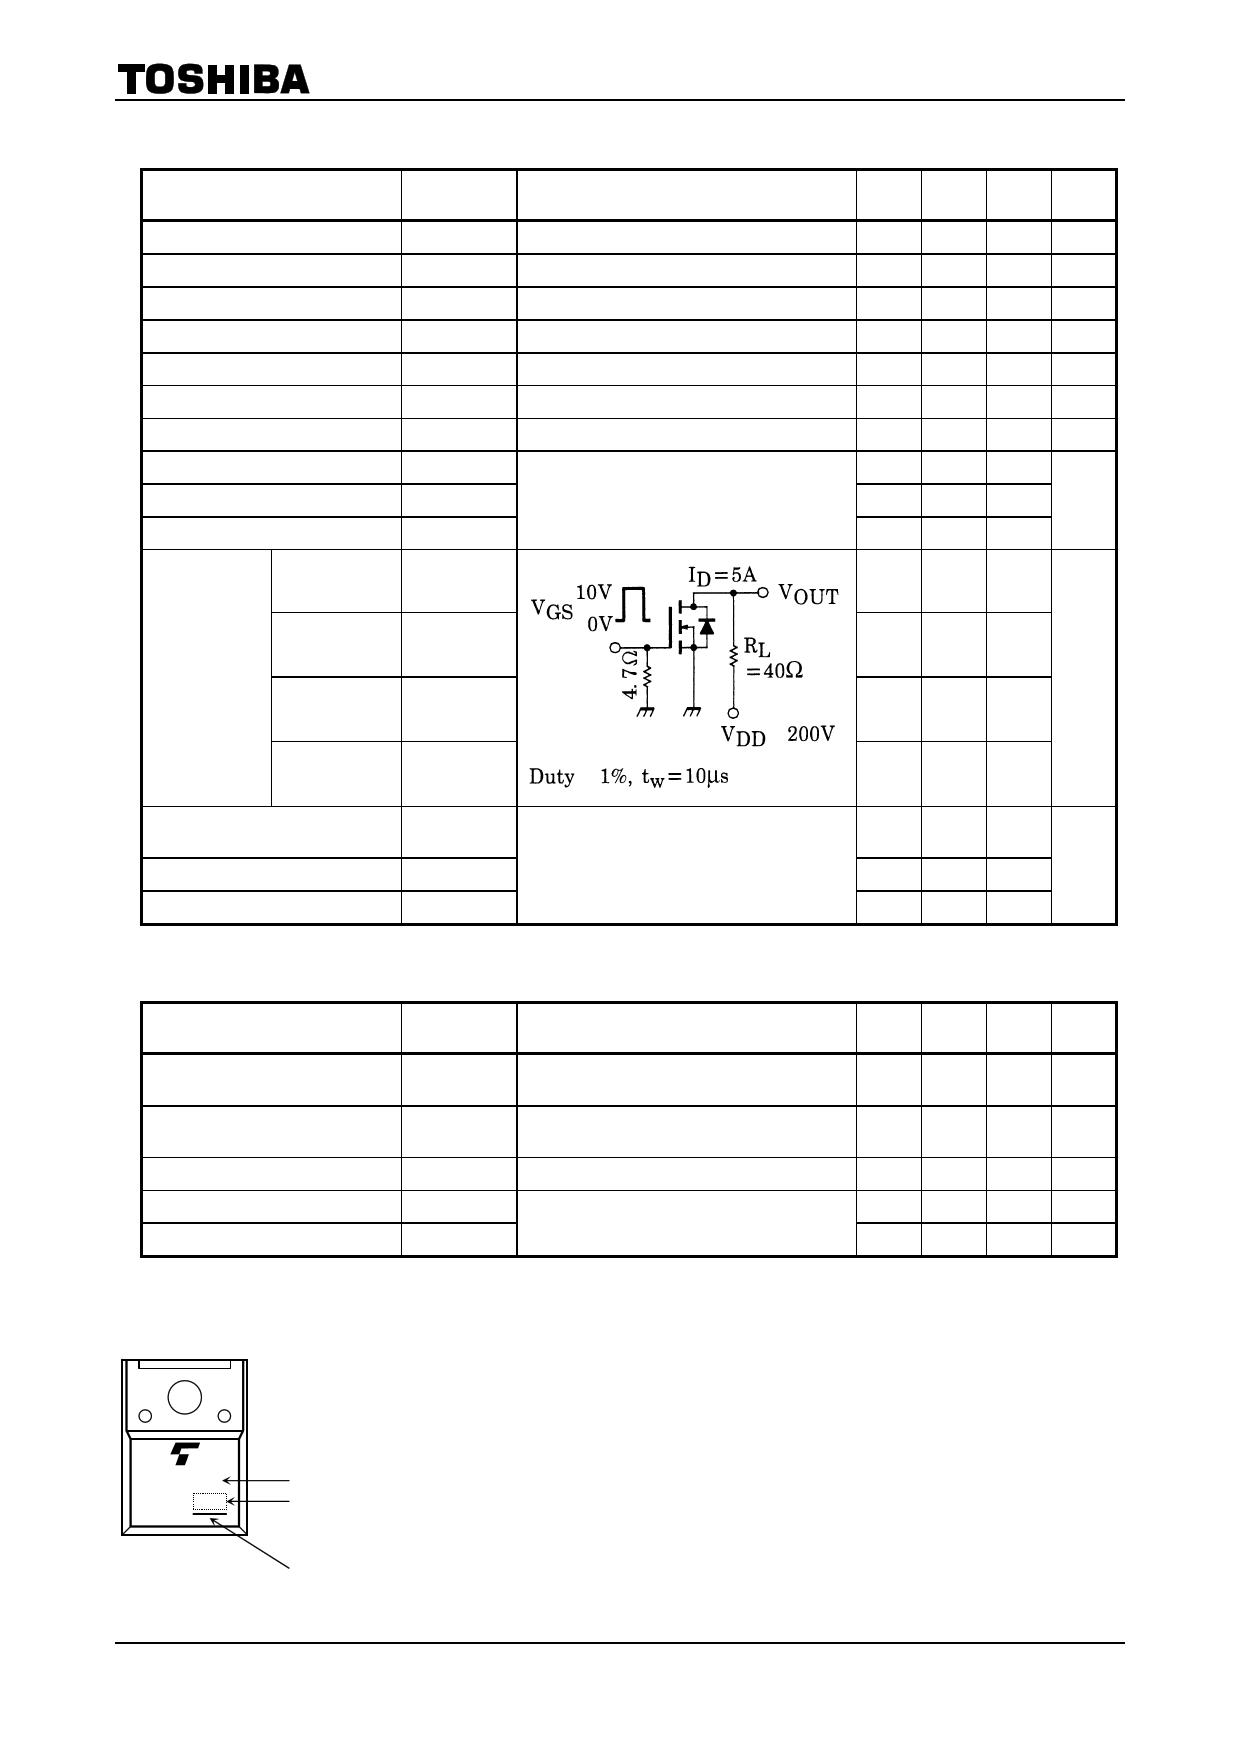 K3265 pdf pinout